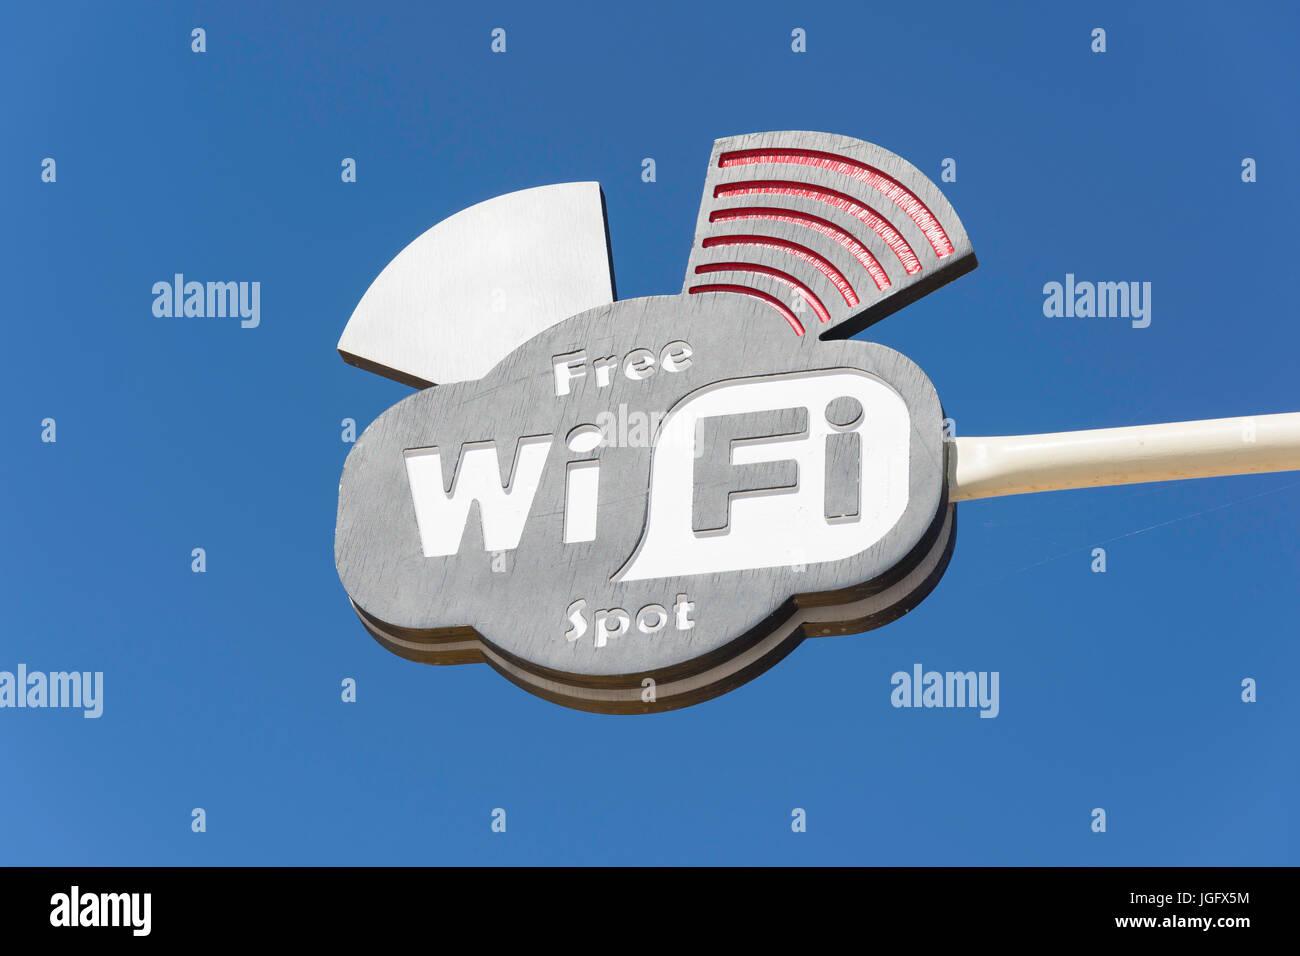 Acceso gratuito a internet WiFi spot sign, Playa Nisos, Malia, Región de Heraklion, Creta, Grecia (Creta) Imagen De Stock